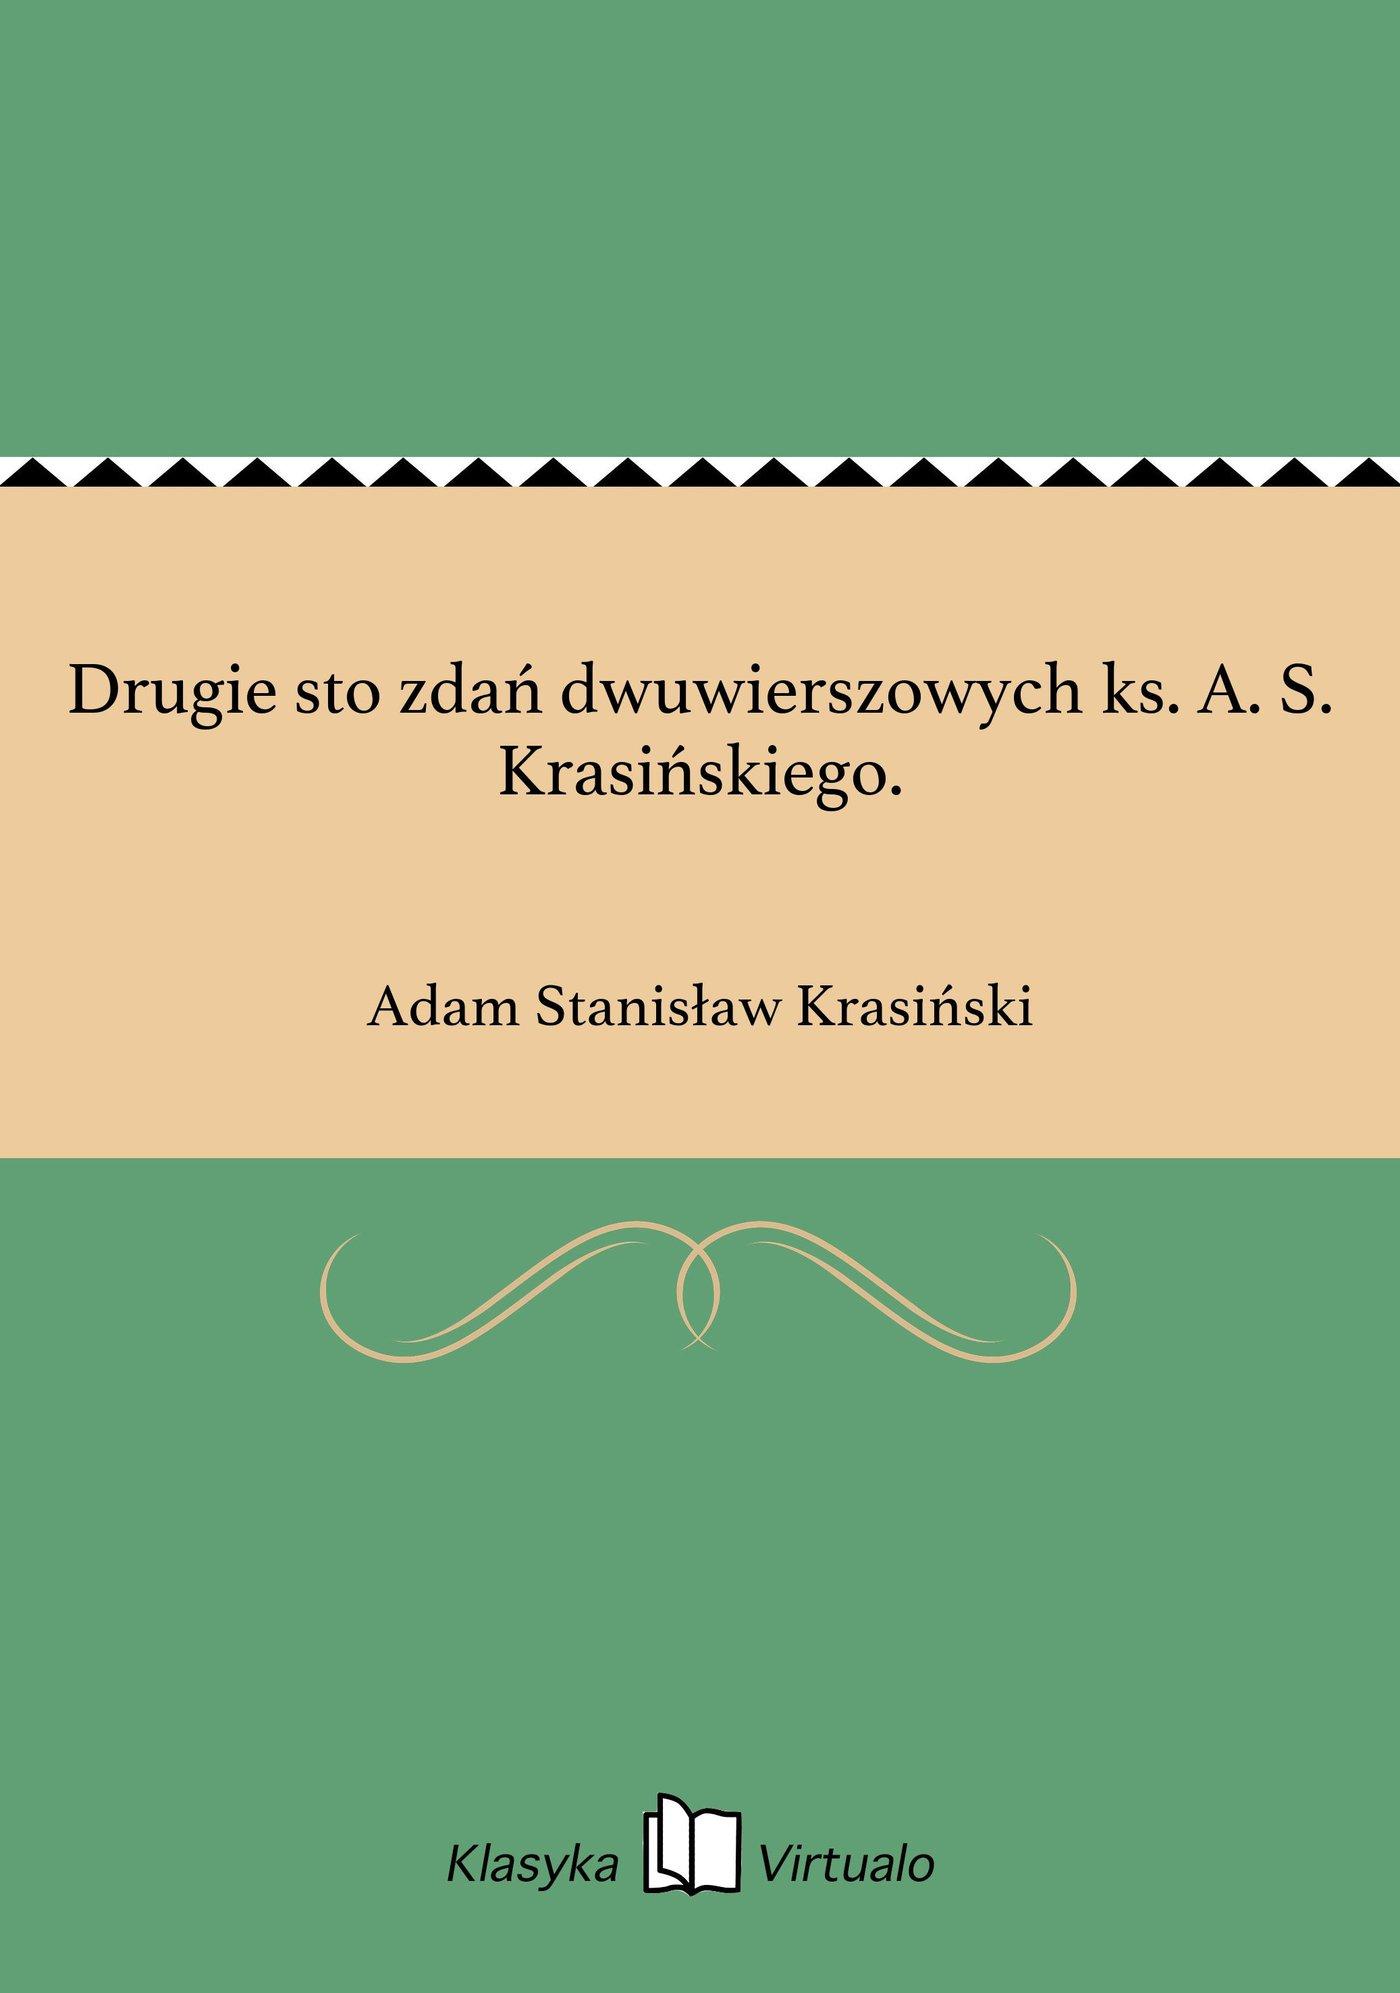 Drugie sto zdań dwuwierszowych ks. A. S. Krasińskiego. - Ebook (Książka EPUB) do pobrania w formacie EPUB